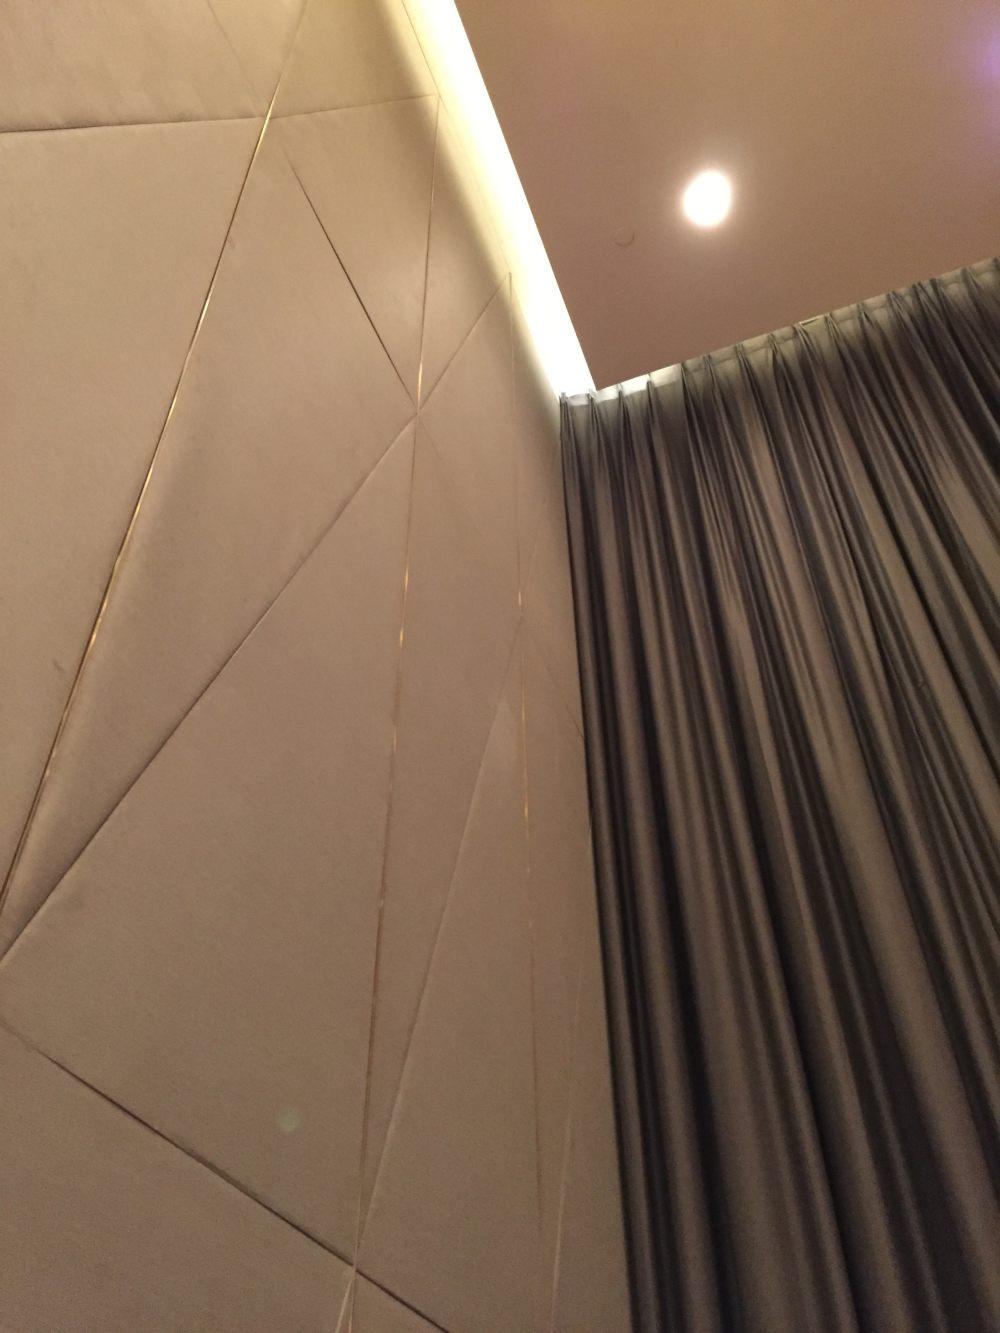 上海外滩W酒店,史上最全入住体验 自拍分享,申请置...._IMG_6118.JPG